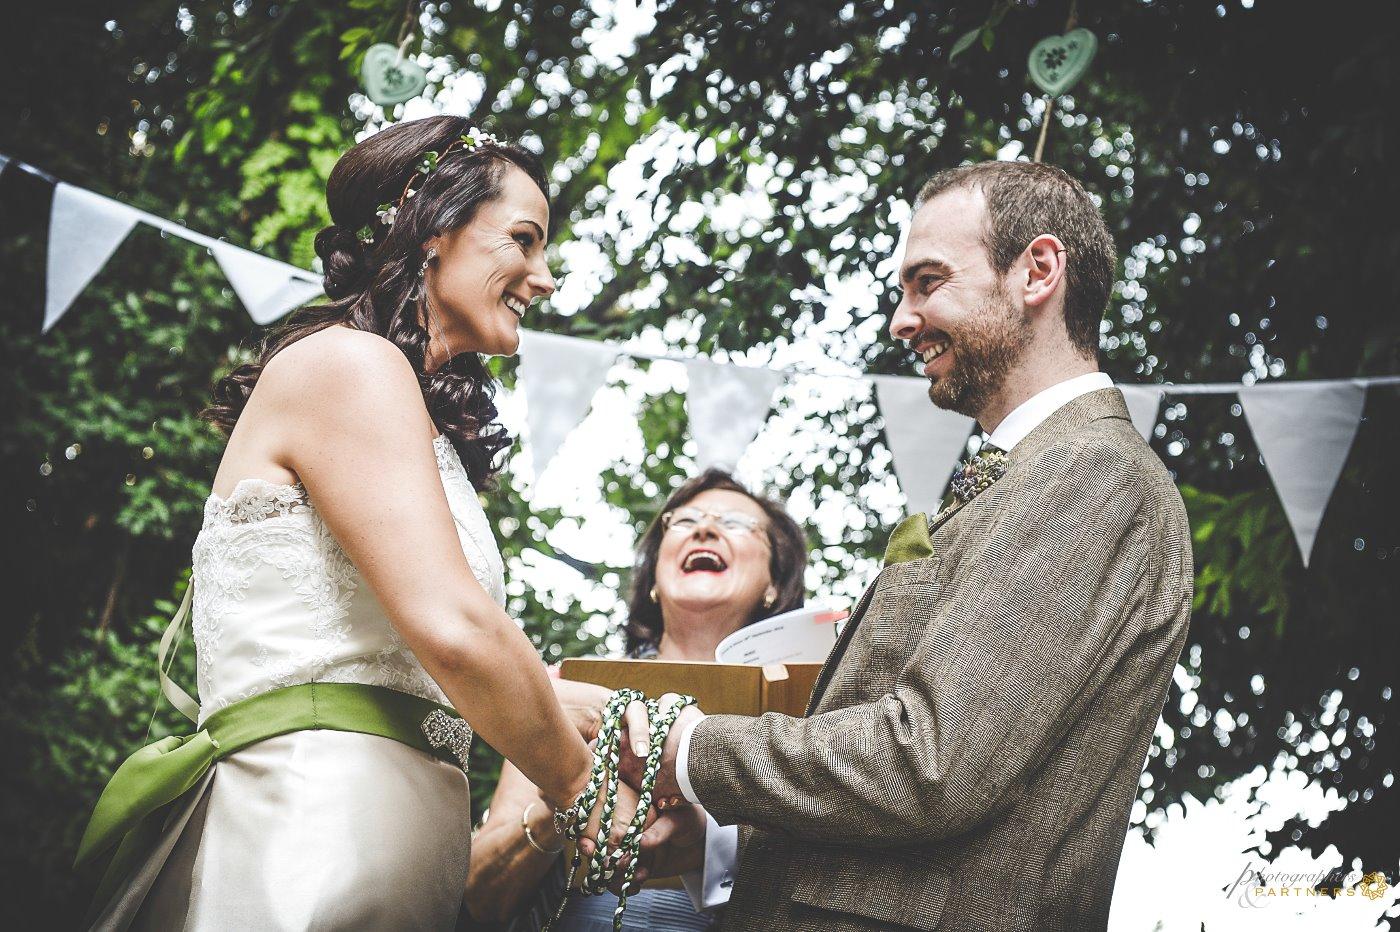 photography_weddings_sorrento_10.jpg